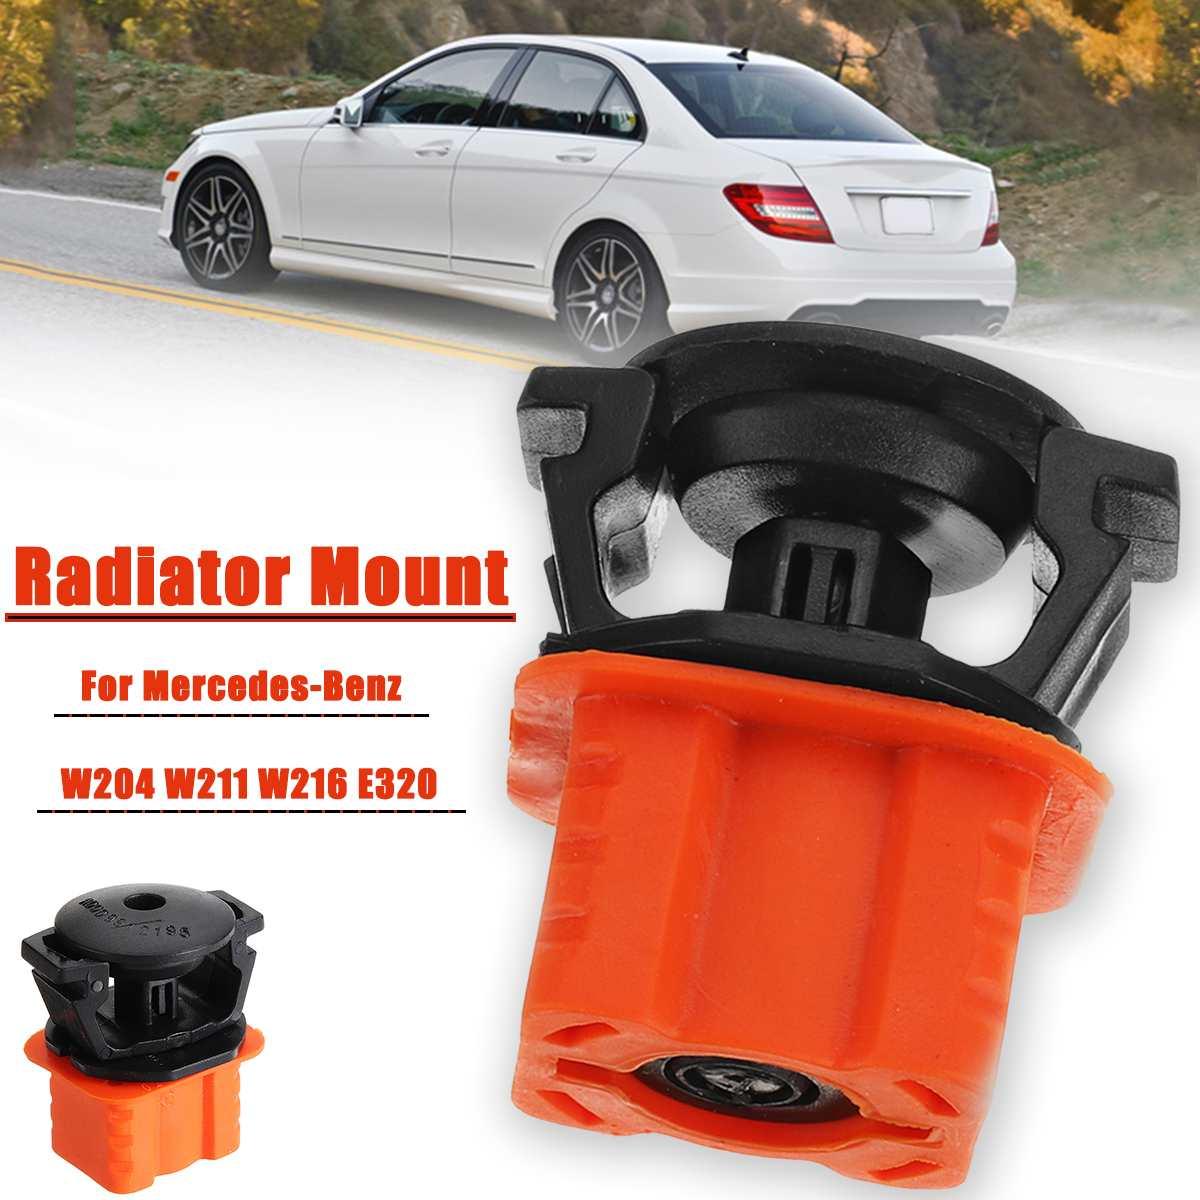 Kit de broches de montage de radiateur supérieur pour Benz W204 W211 W216 E320 1695040114 2115040059